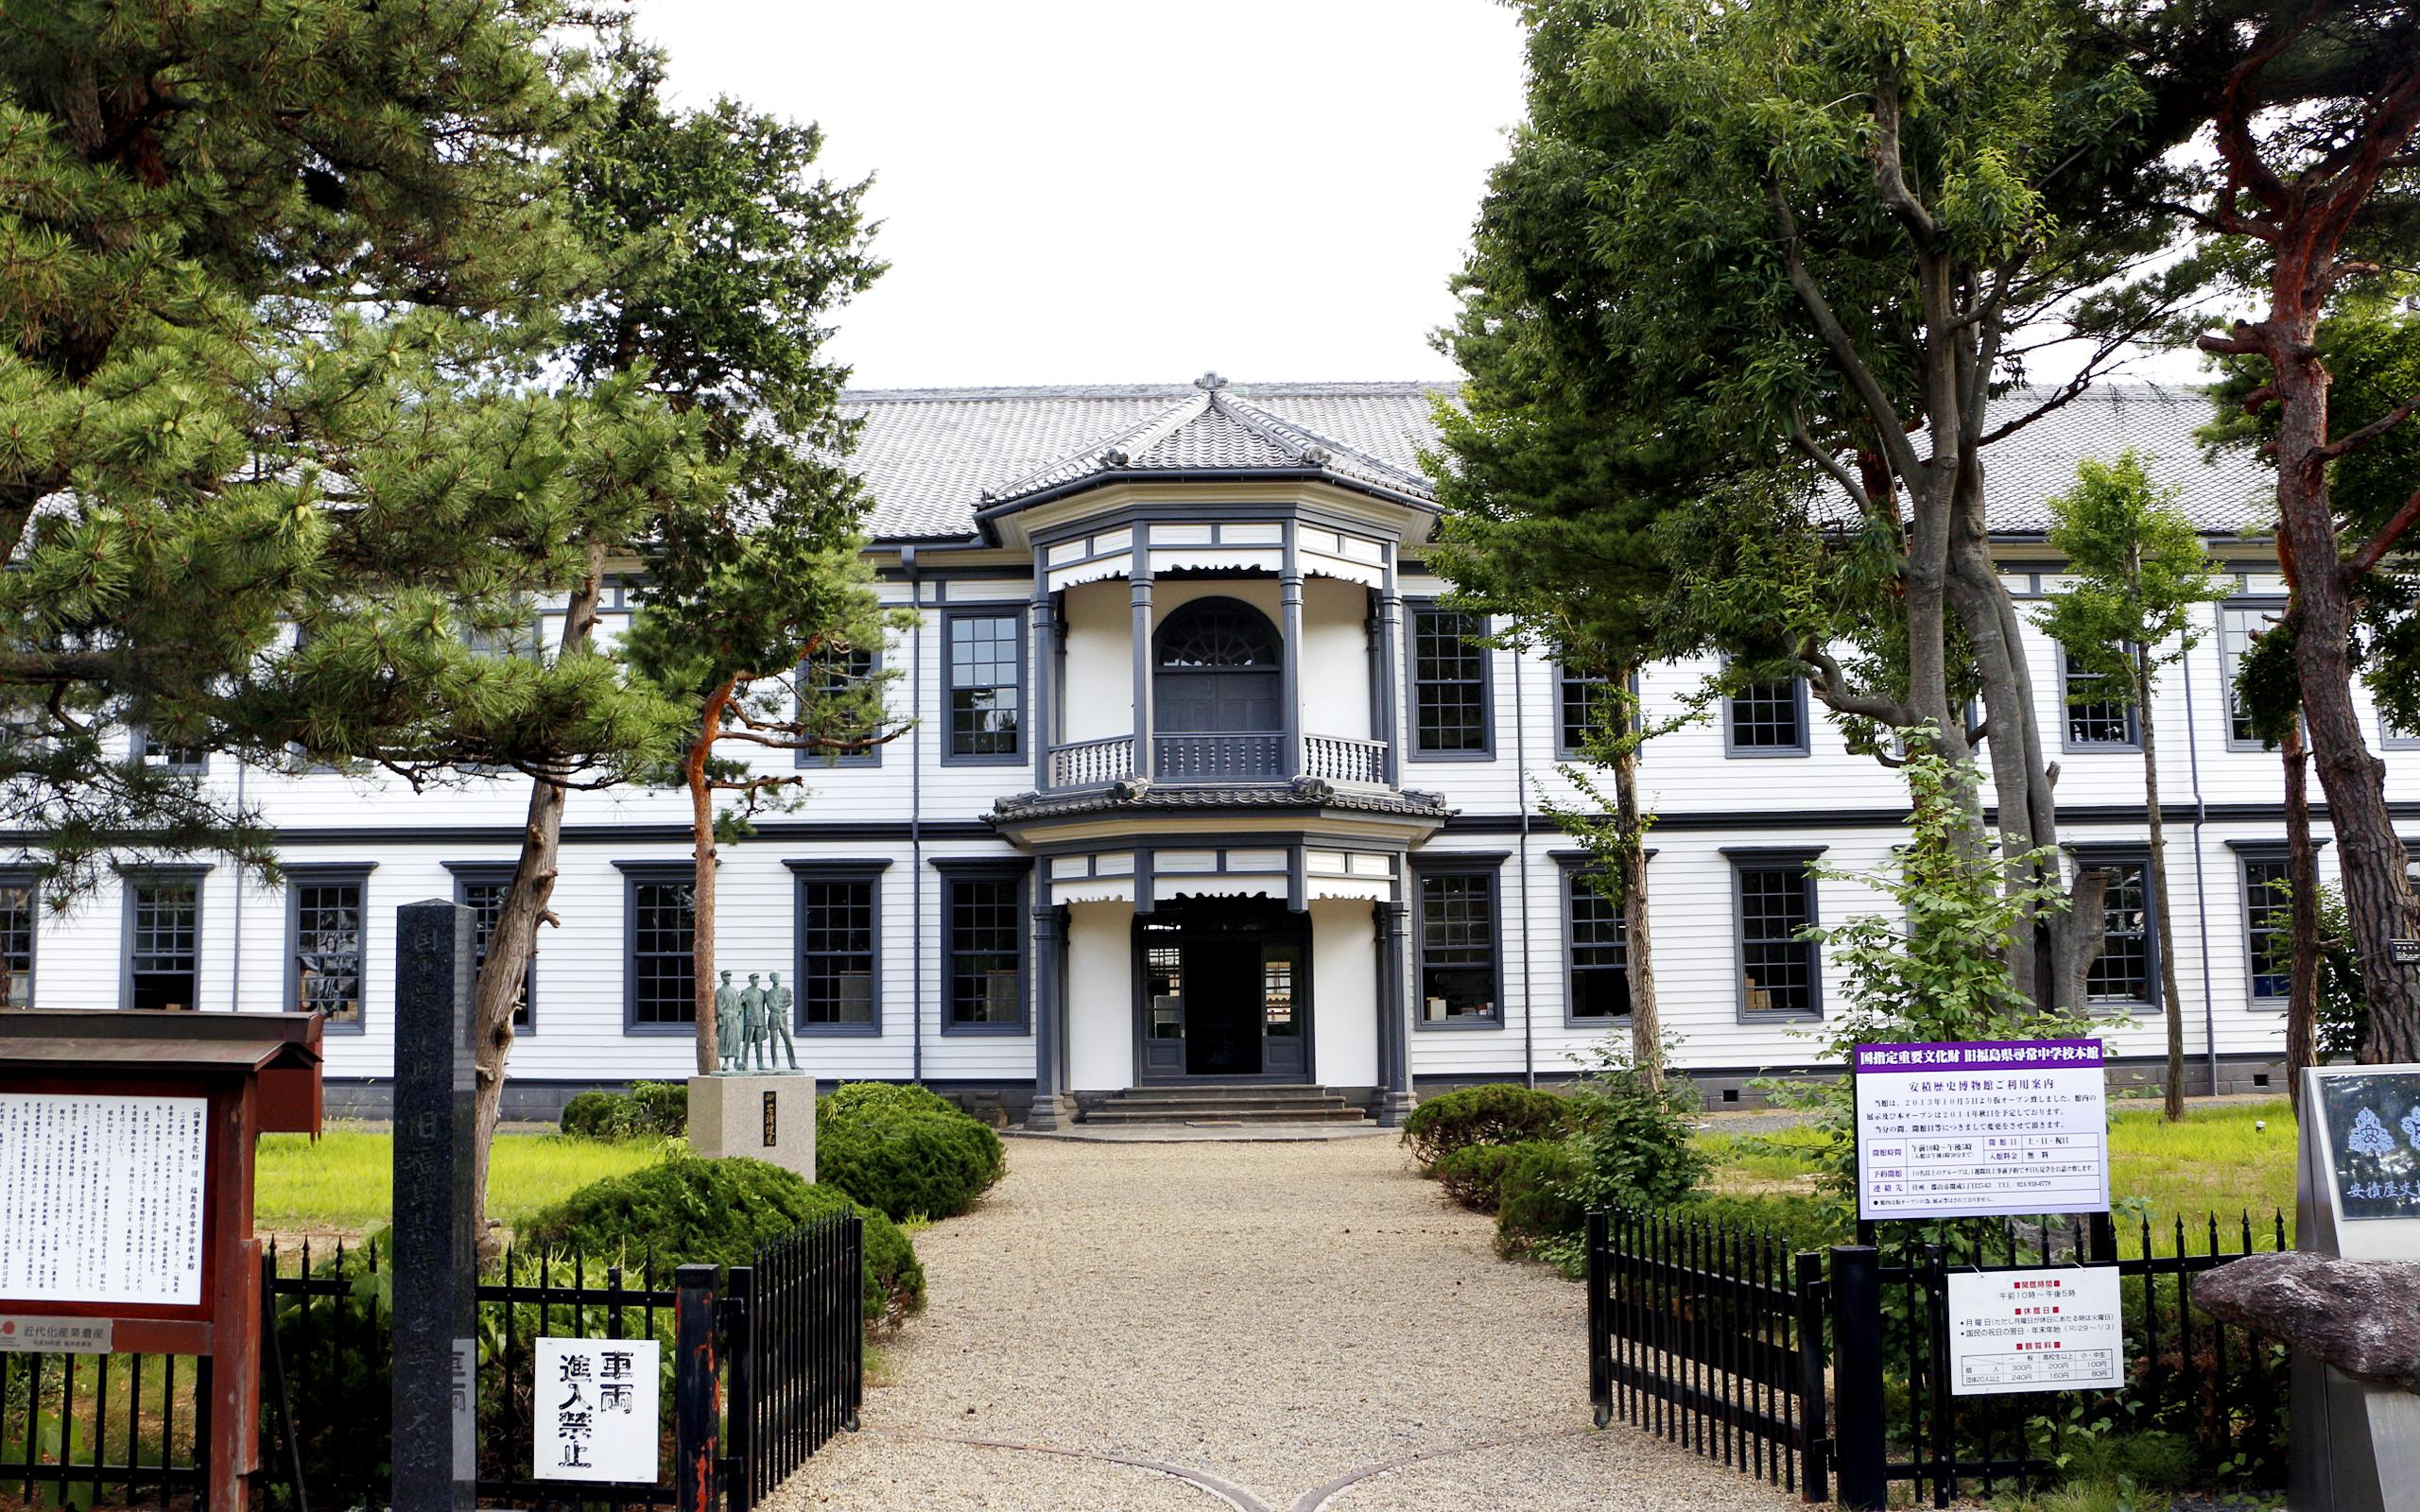 安積歴史博物館(旧福島県尋常中学校本館)